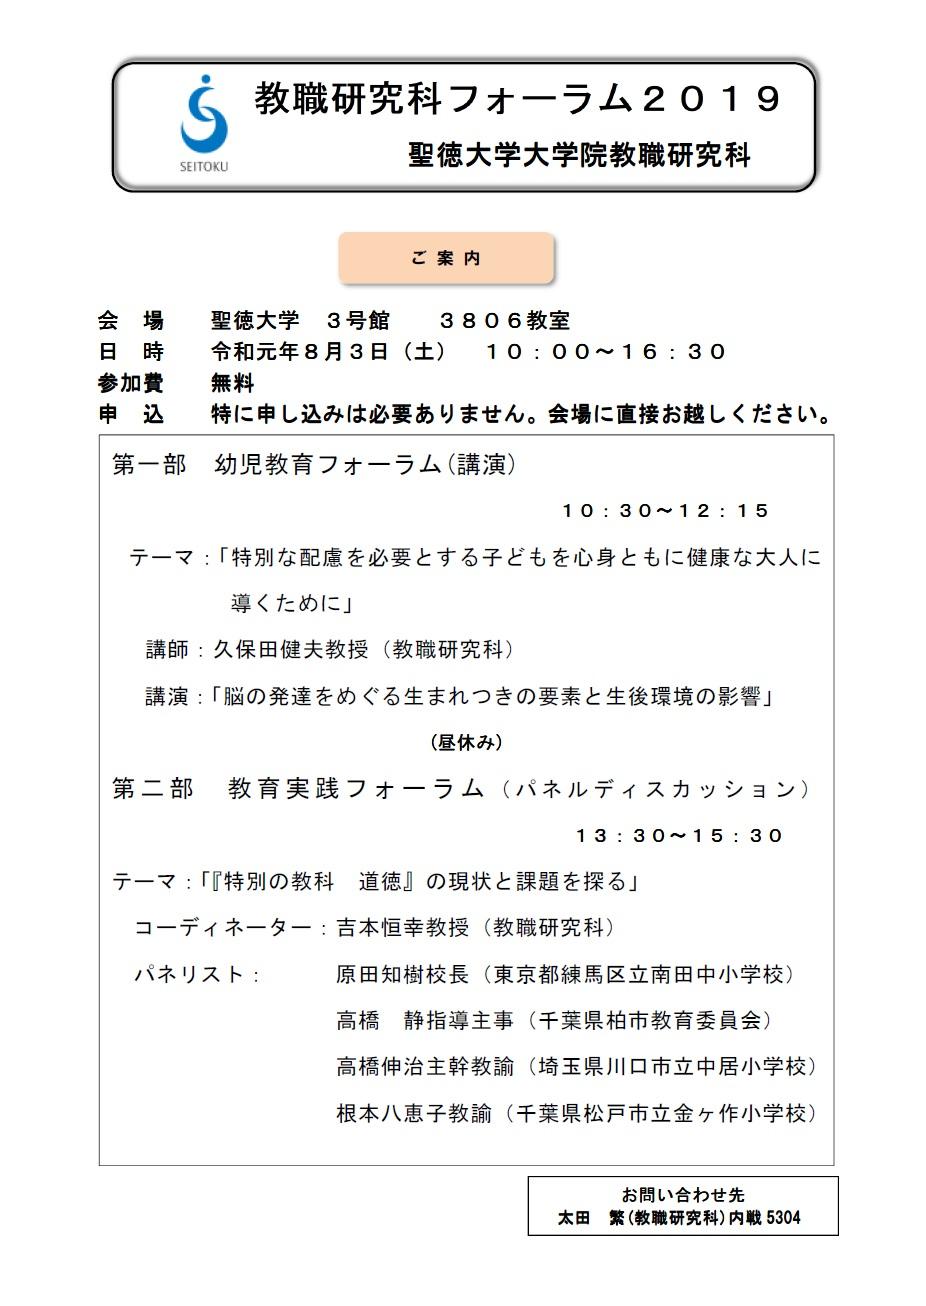 「教職研究科フォーラム2019」を開催します。